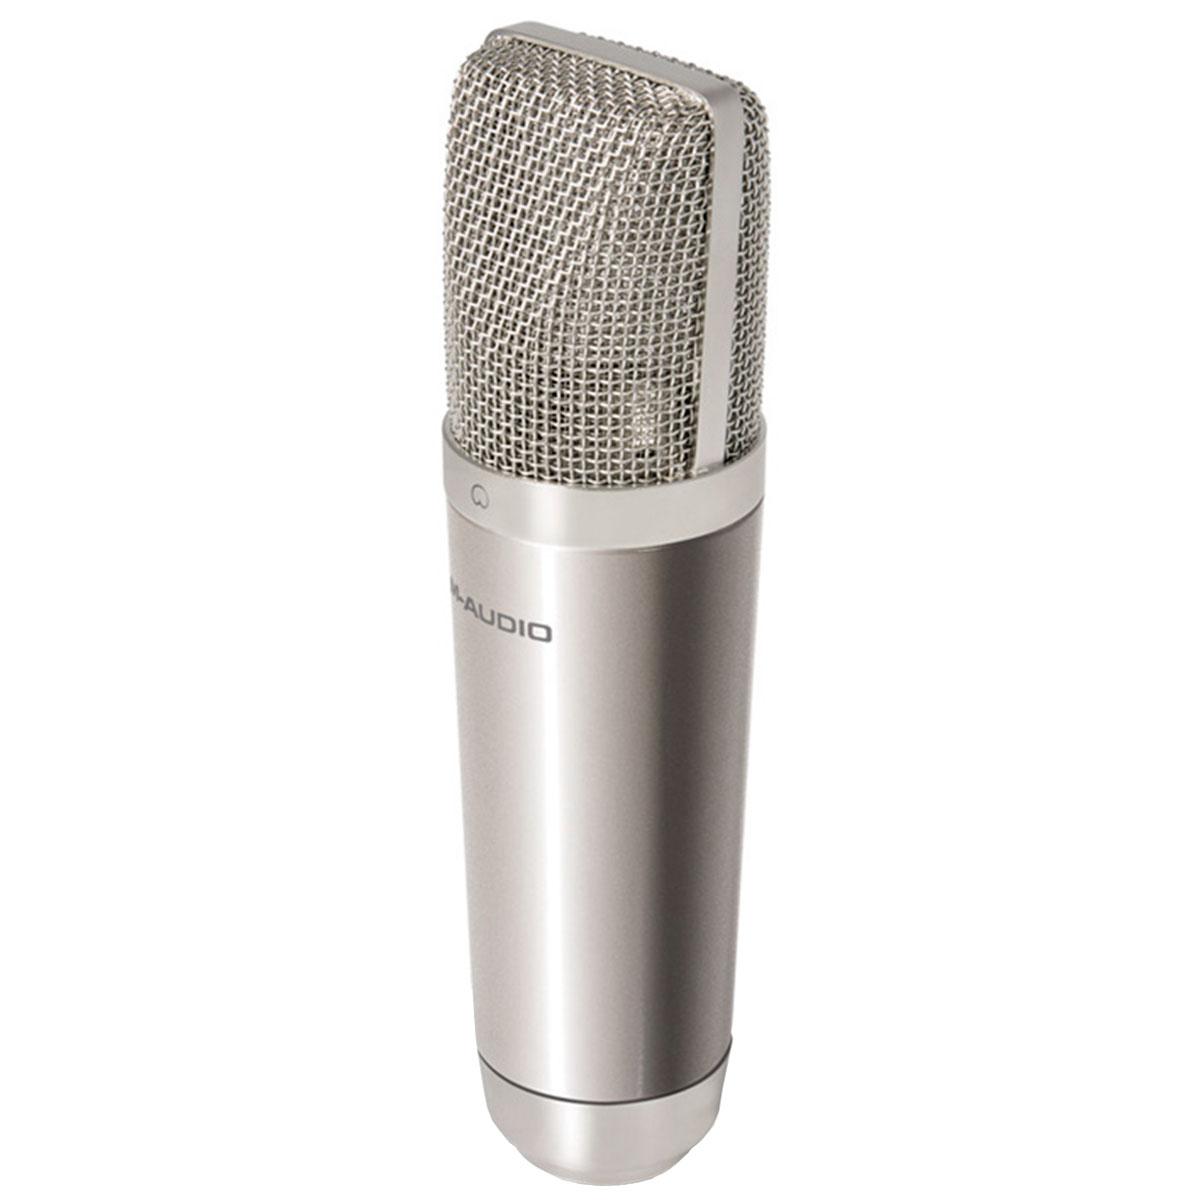 Nova - Microfone Condensador com Fio Nova M-Audio